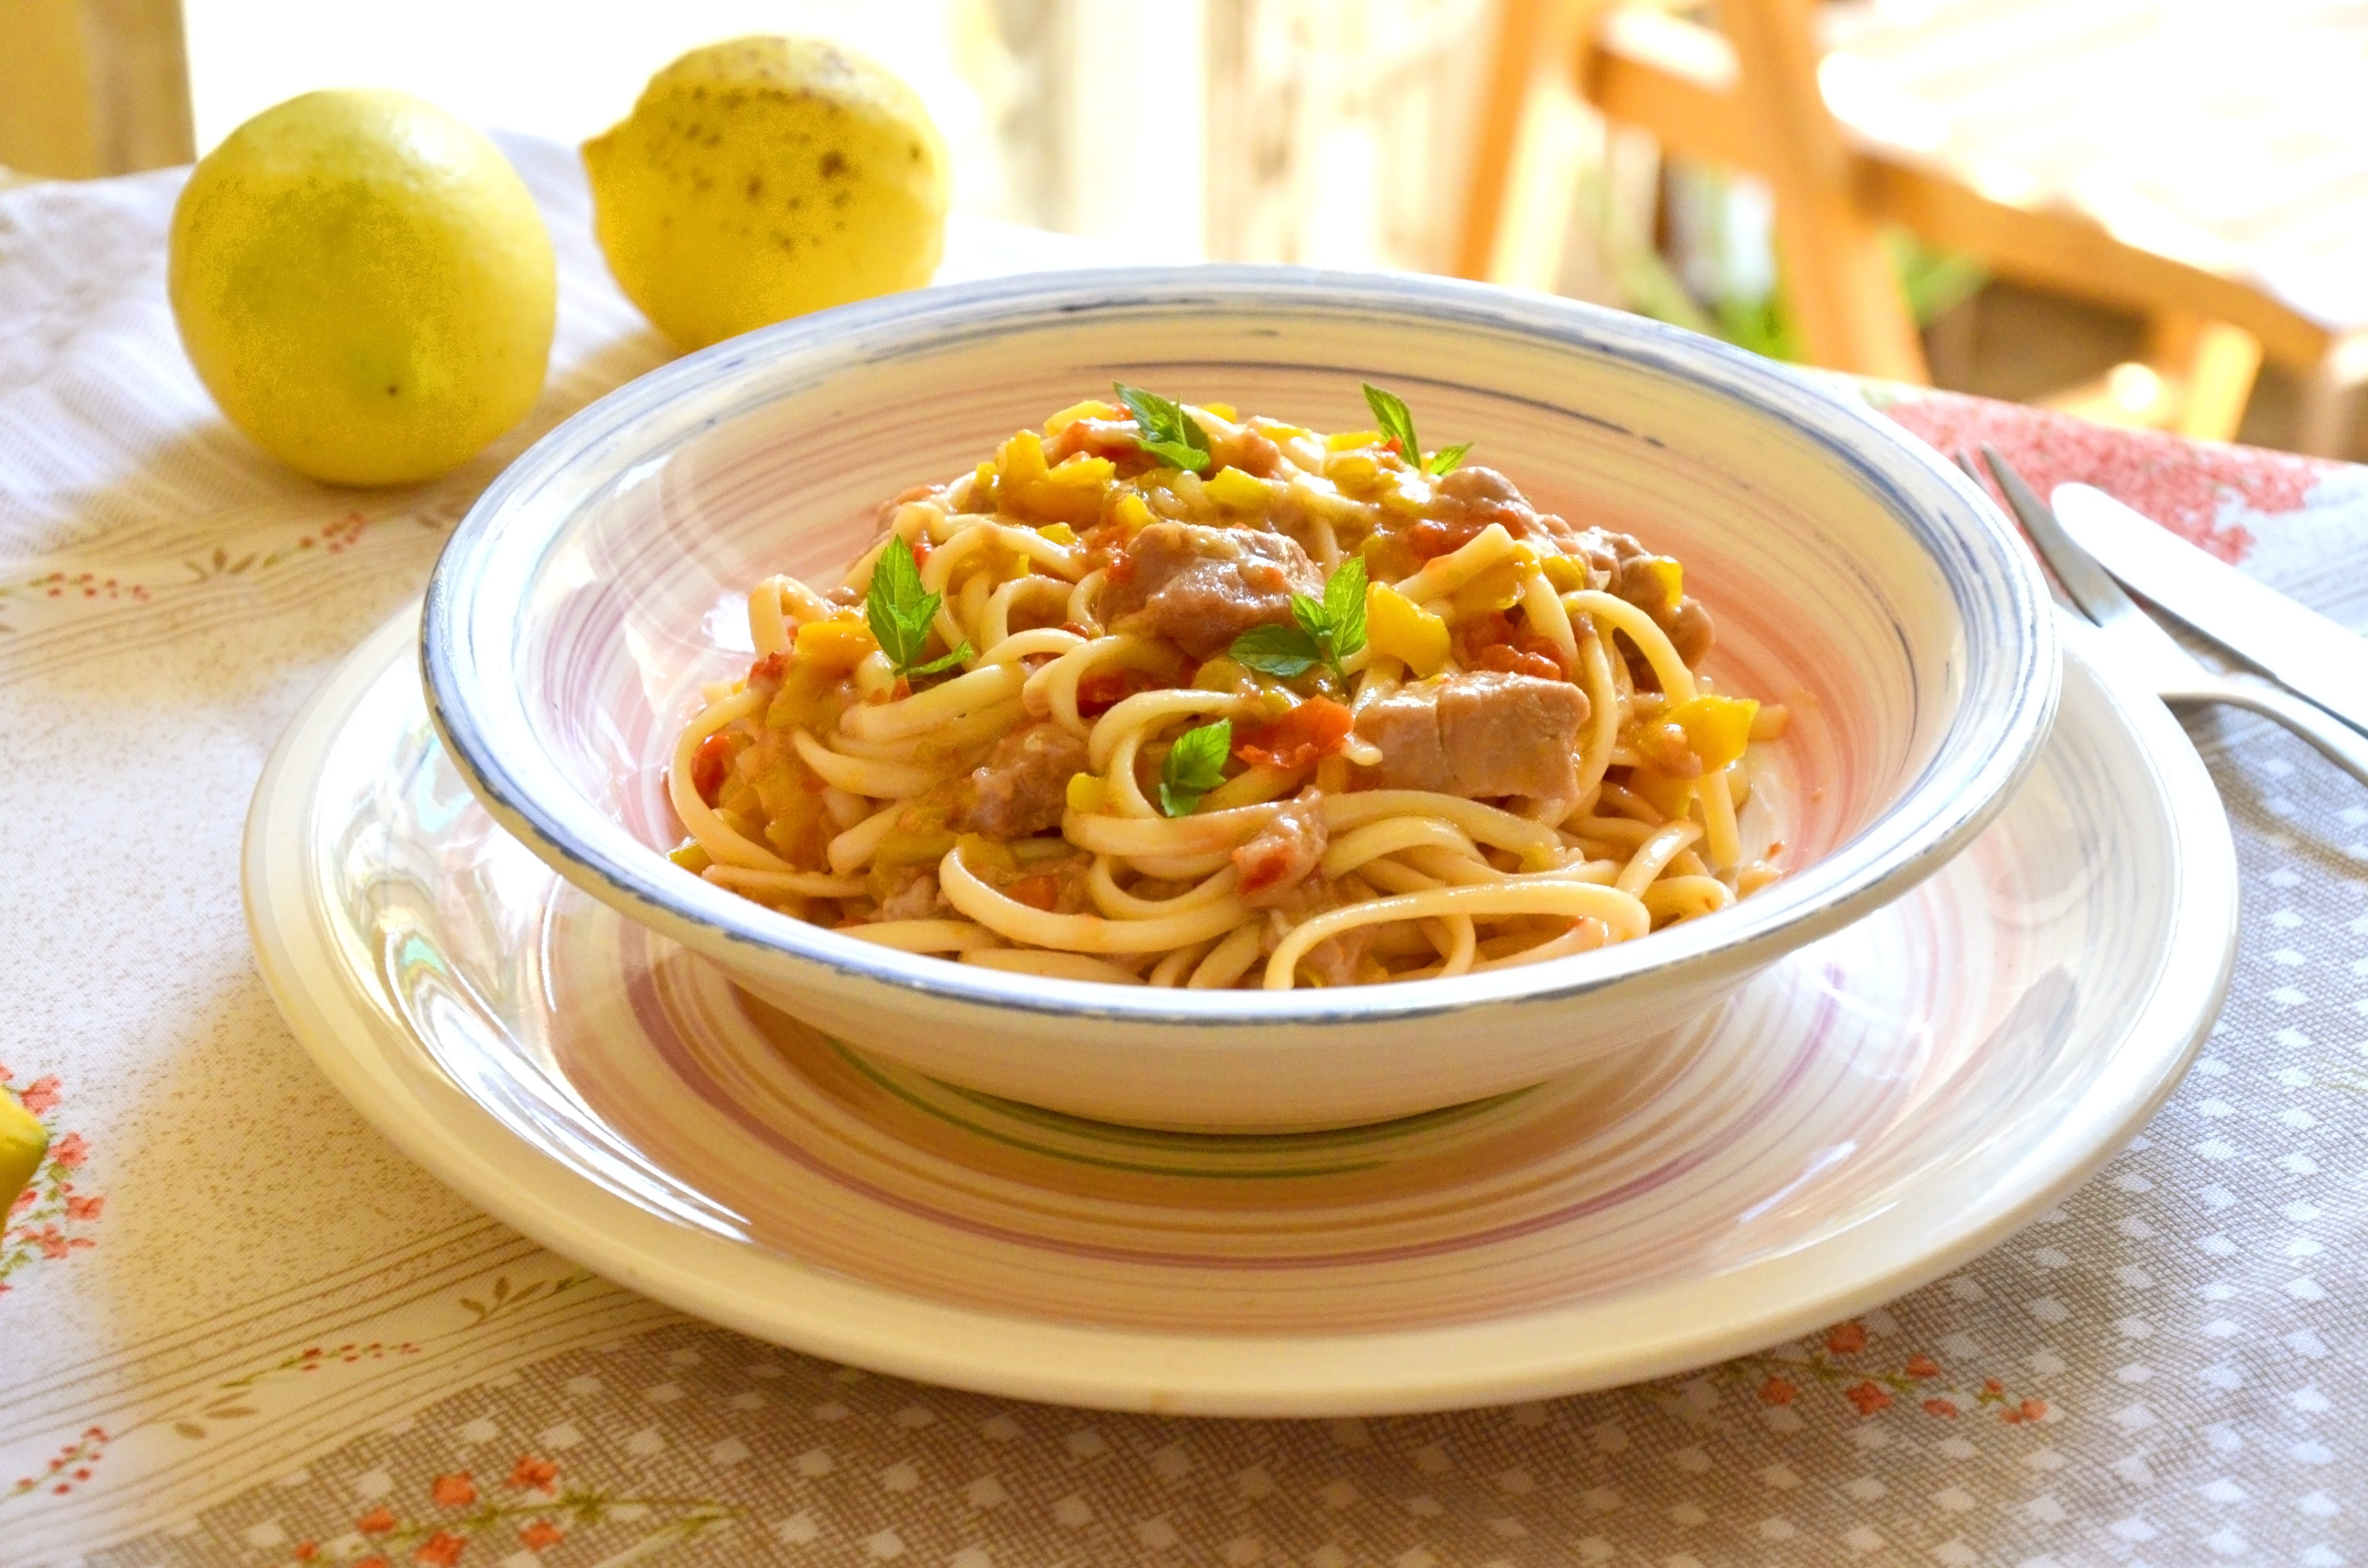 Linguine con tonno marinato e verdure: la ricetta della pasta fredda originale e sfiziosa